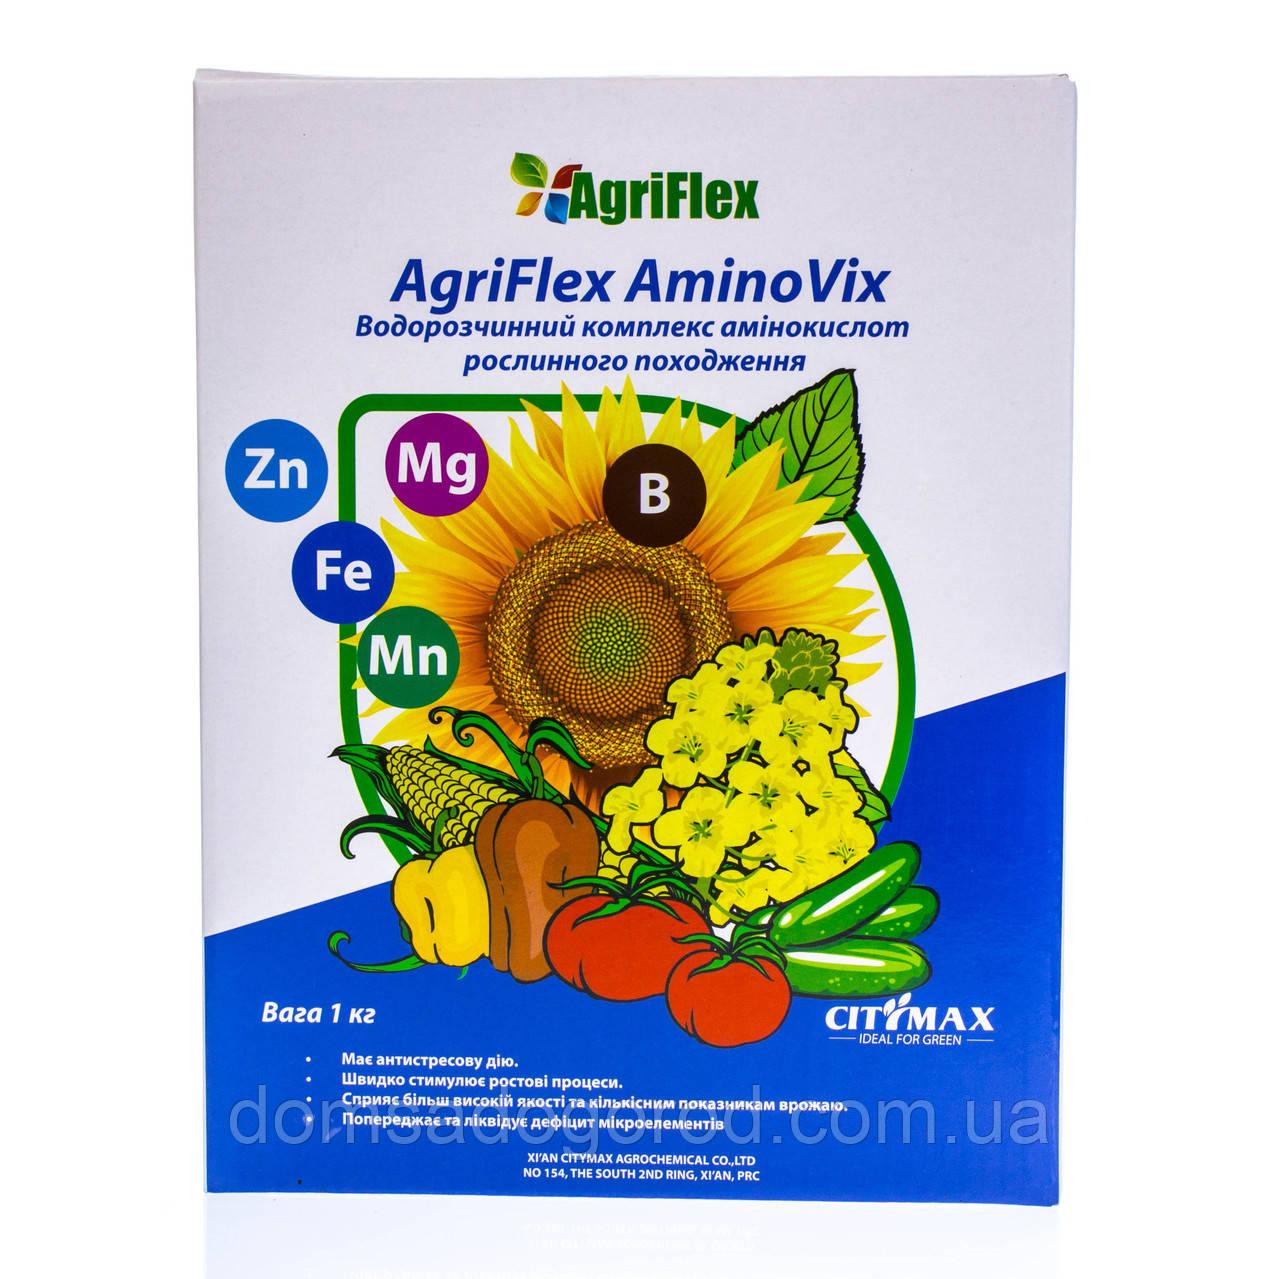 Стимулятор роста АМИНО ВИКС (Аминокислоты) АгриФлекс / AgriFlex 1 кг